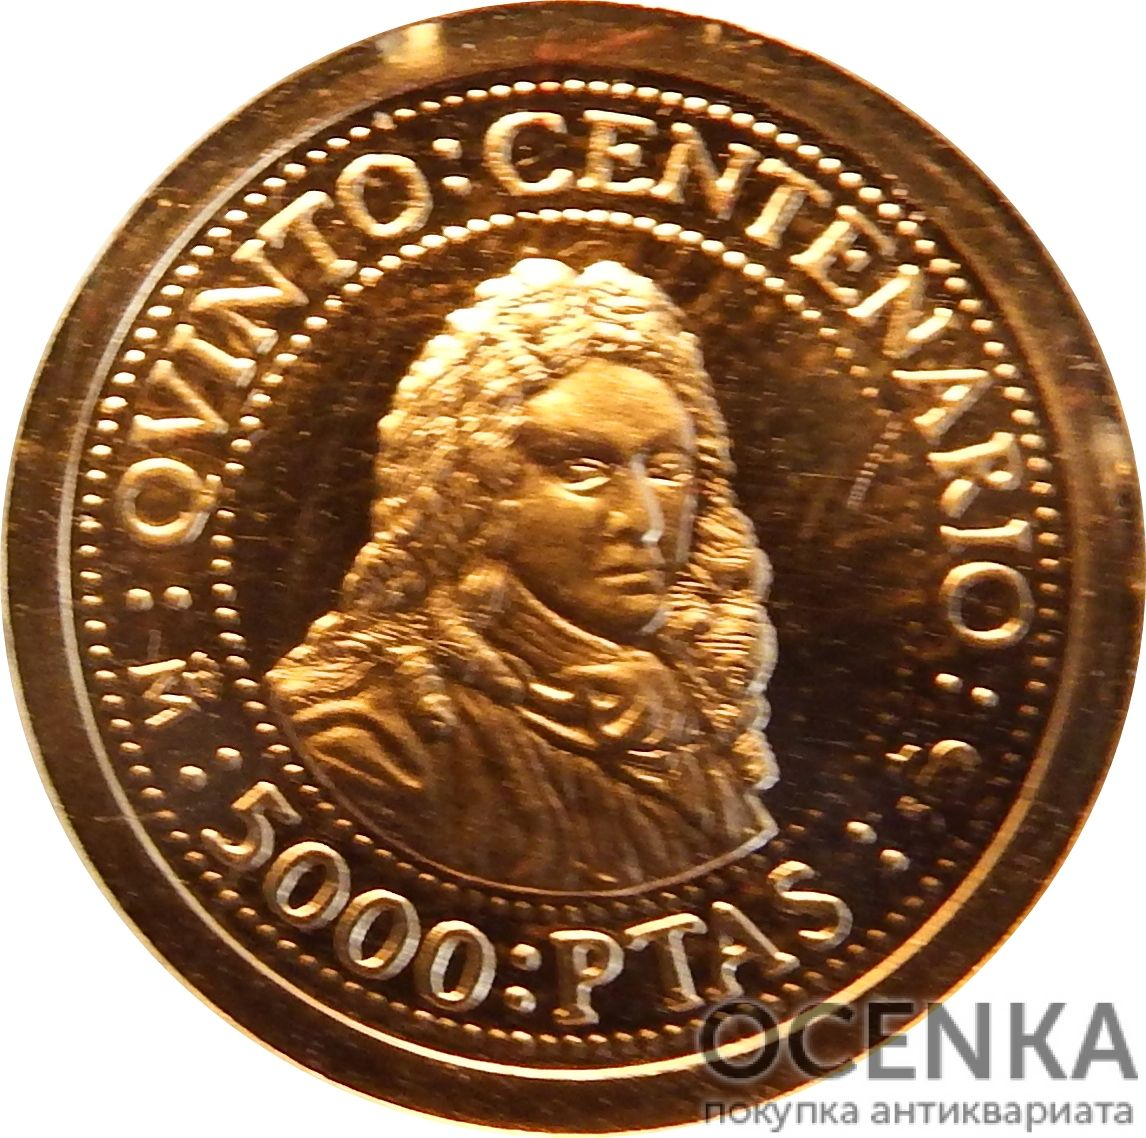 Золотая монета 5000 Песет (5000 Pesetas) Испания - 2